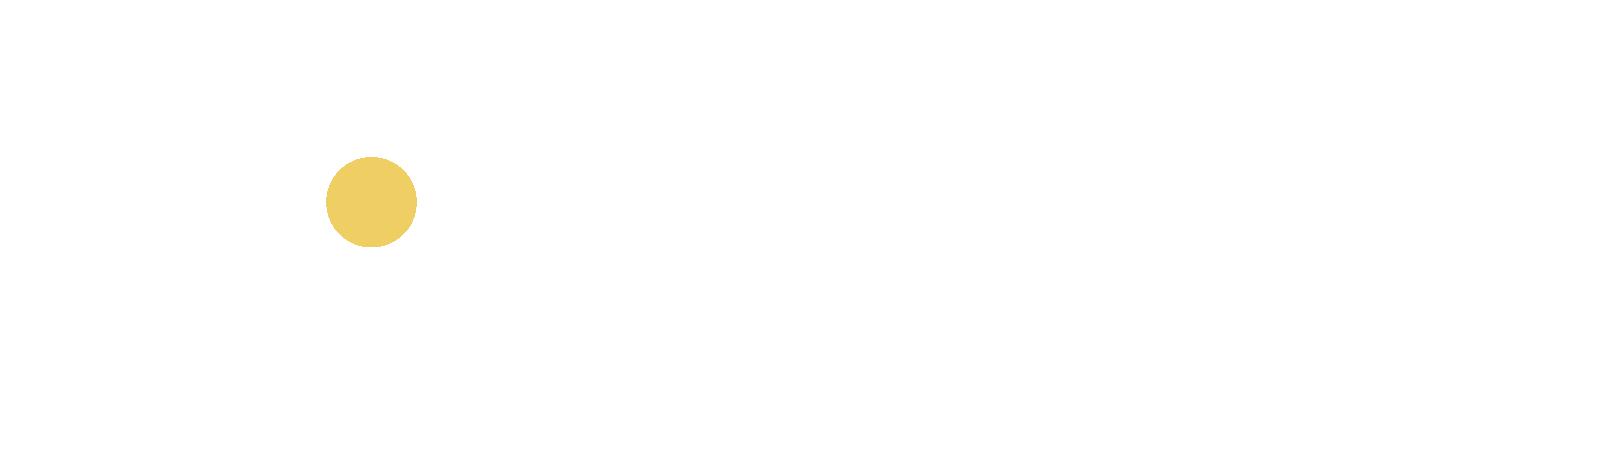 NOMENTIA_wide_CMYK_neg@6x-1